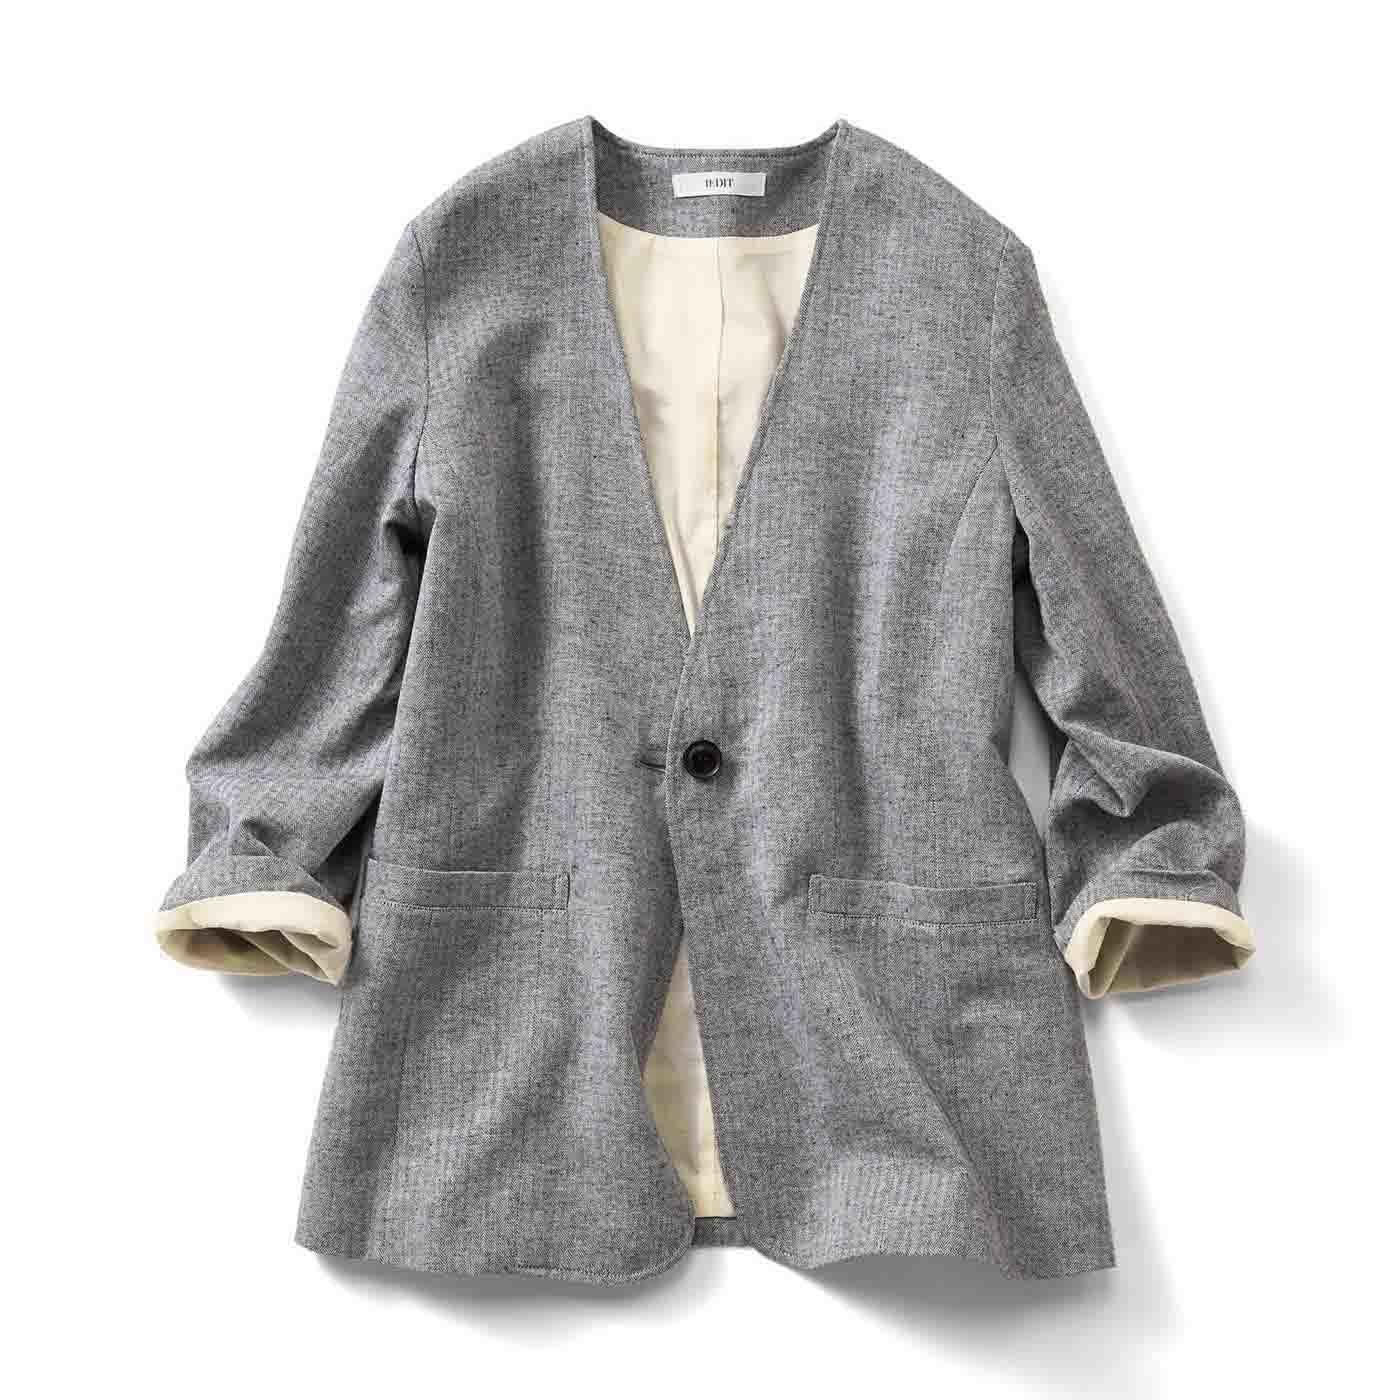 IEDIT[イディット] リネン混素材のノーカラーラフジャケット〈ブラック〉